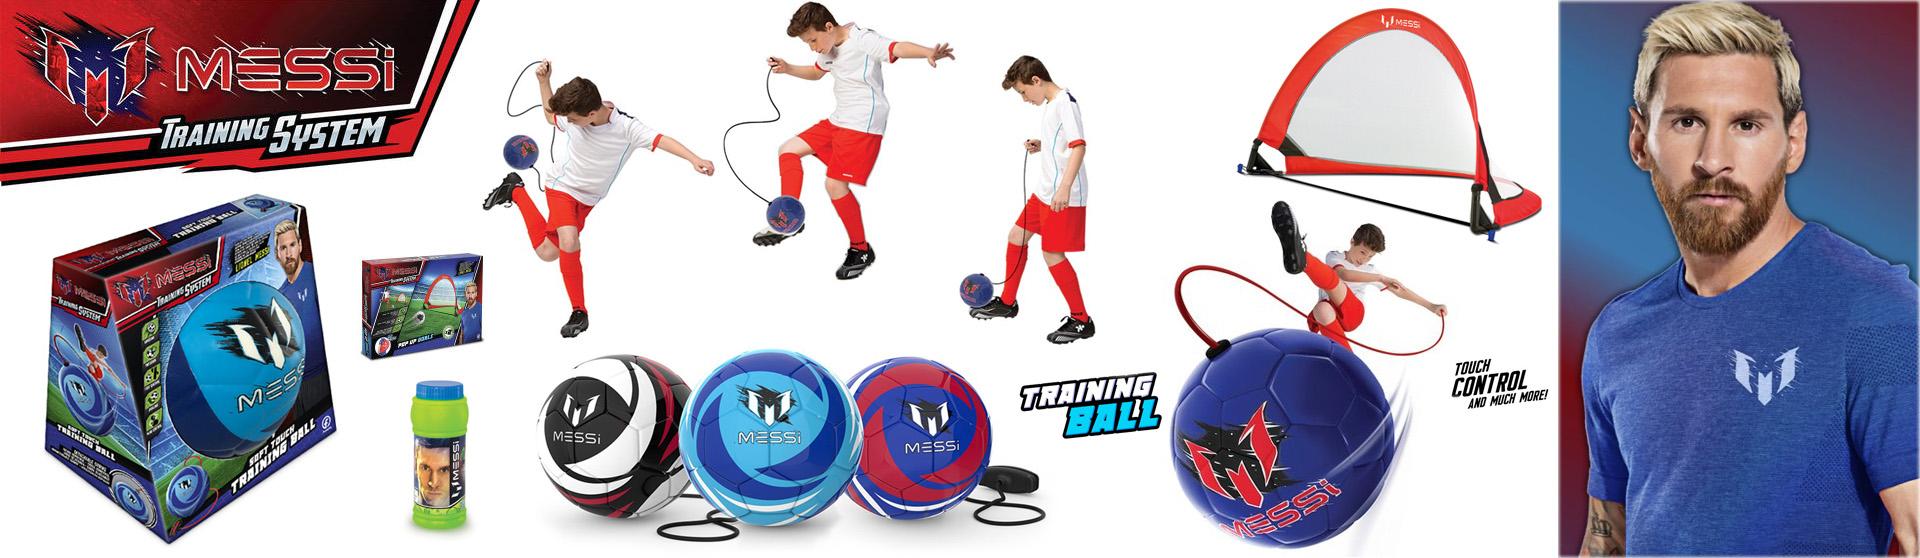 Piłka treningowa Messi 15 cm miękka Dumel czerwona MK0044A